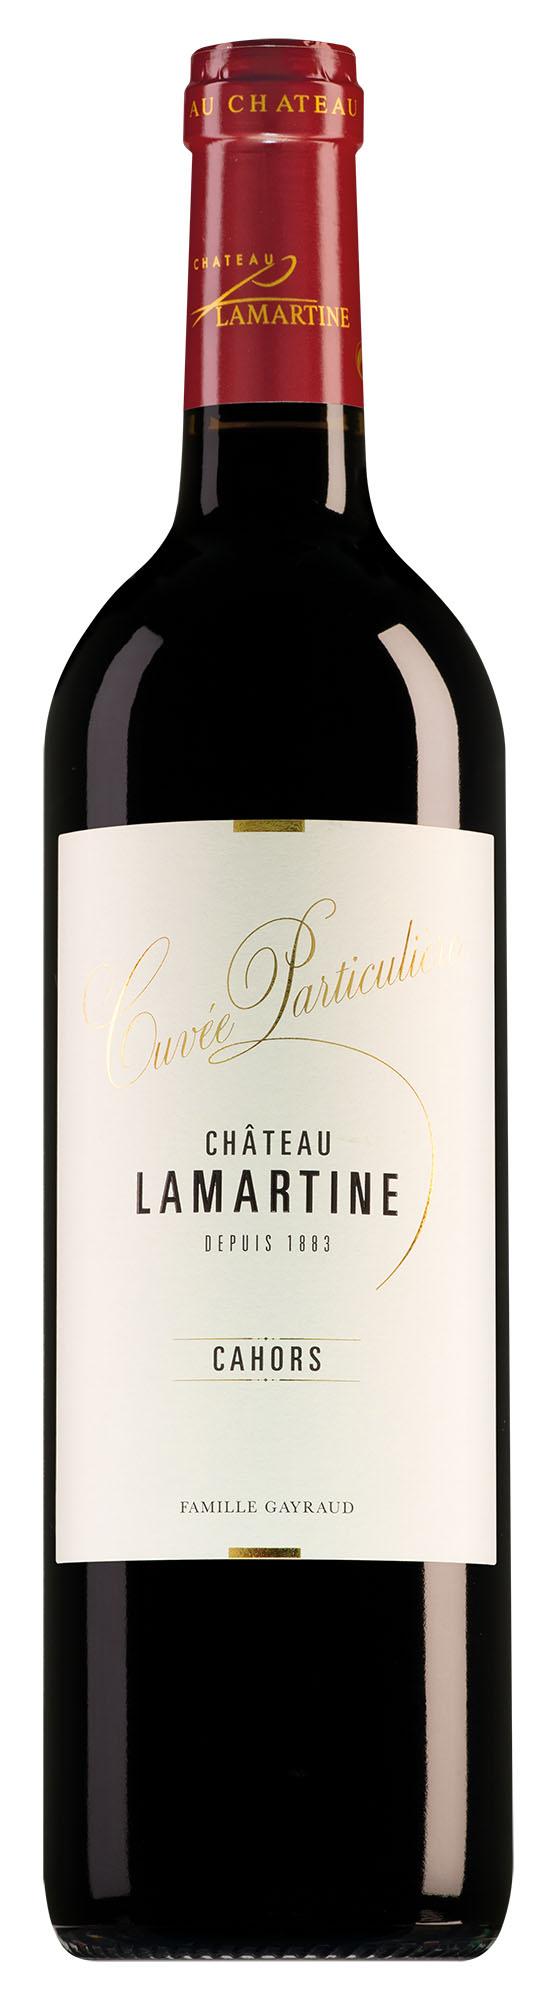 Château Lamartine Cahors Cuvée Particulière